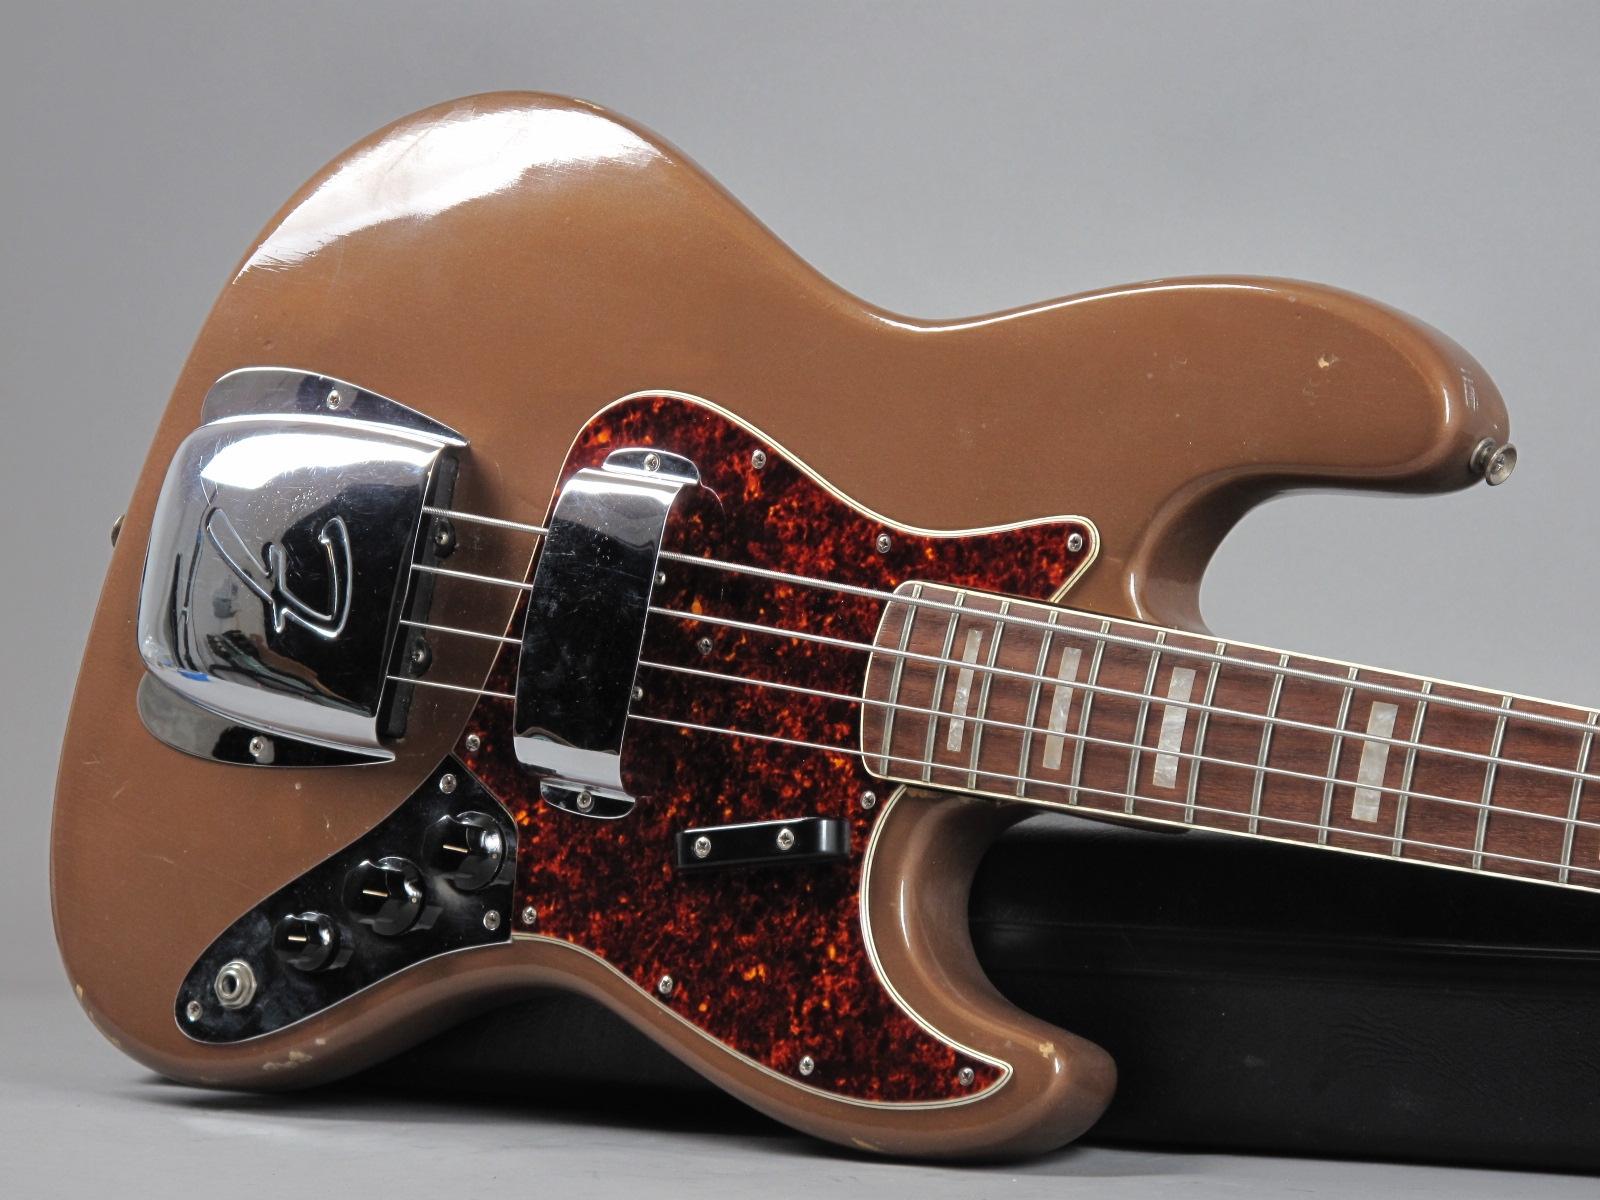 https://guitarpoint.de/app/uploads/products/1967-fender-jazz-bass-fire-mist-gold-refin-2/1967-Fender-Jazz-Bass-Shoreline-Gold-216555_10.jpg